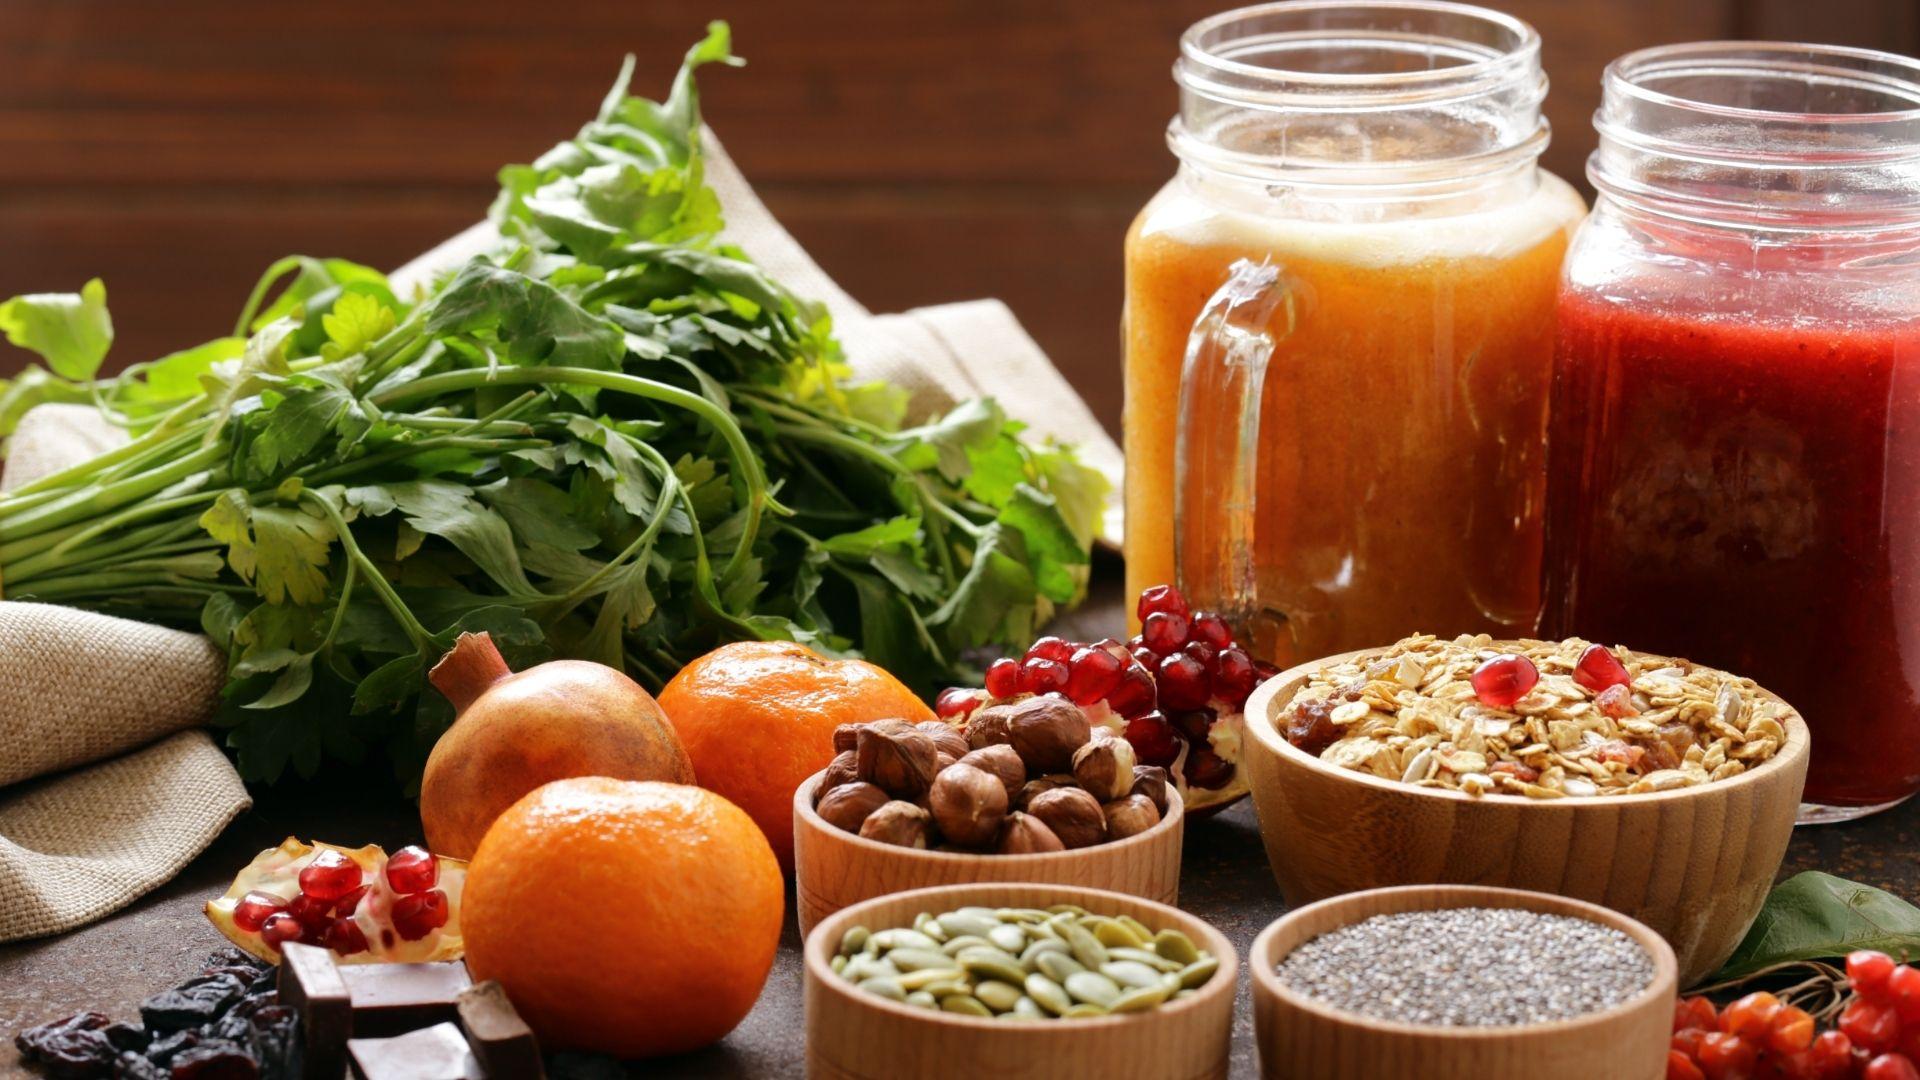 ¿Qué son los alimentos funcionales y por qué son buenos para nuestro organismo?